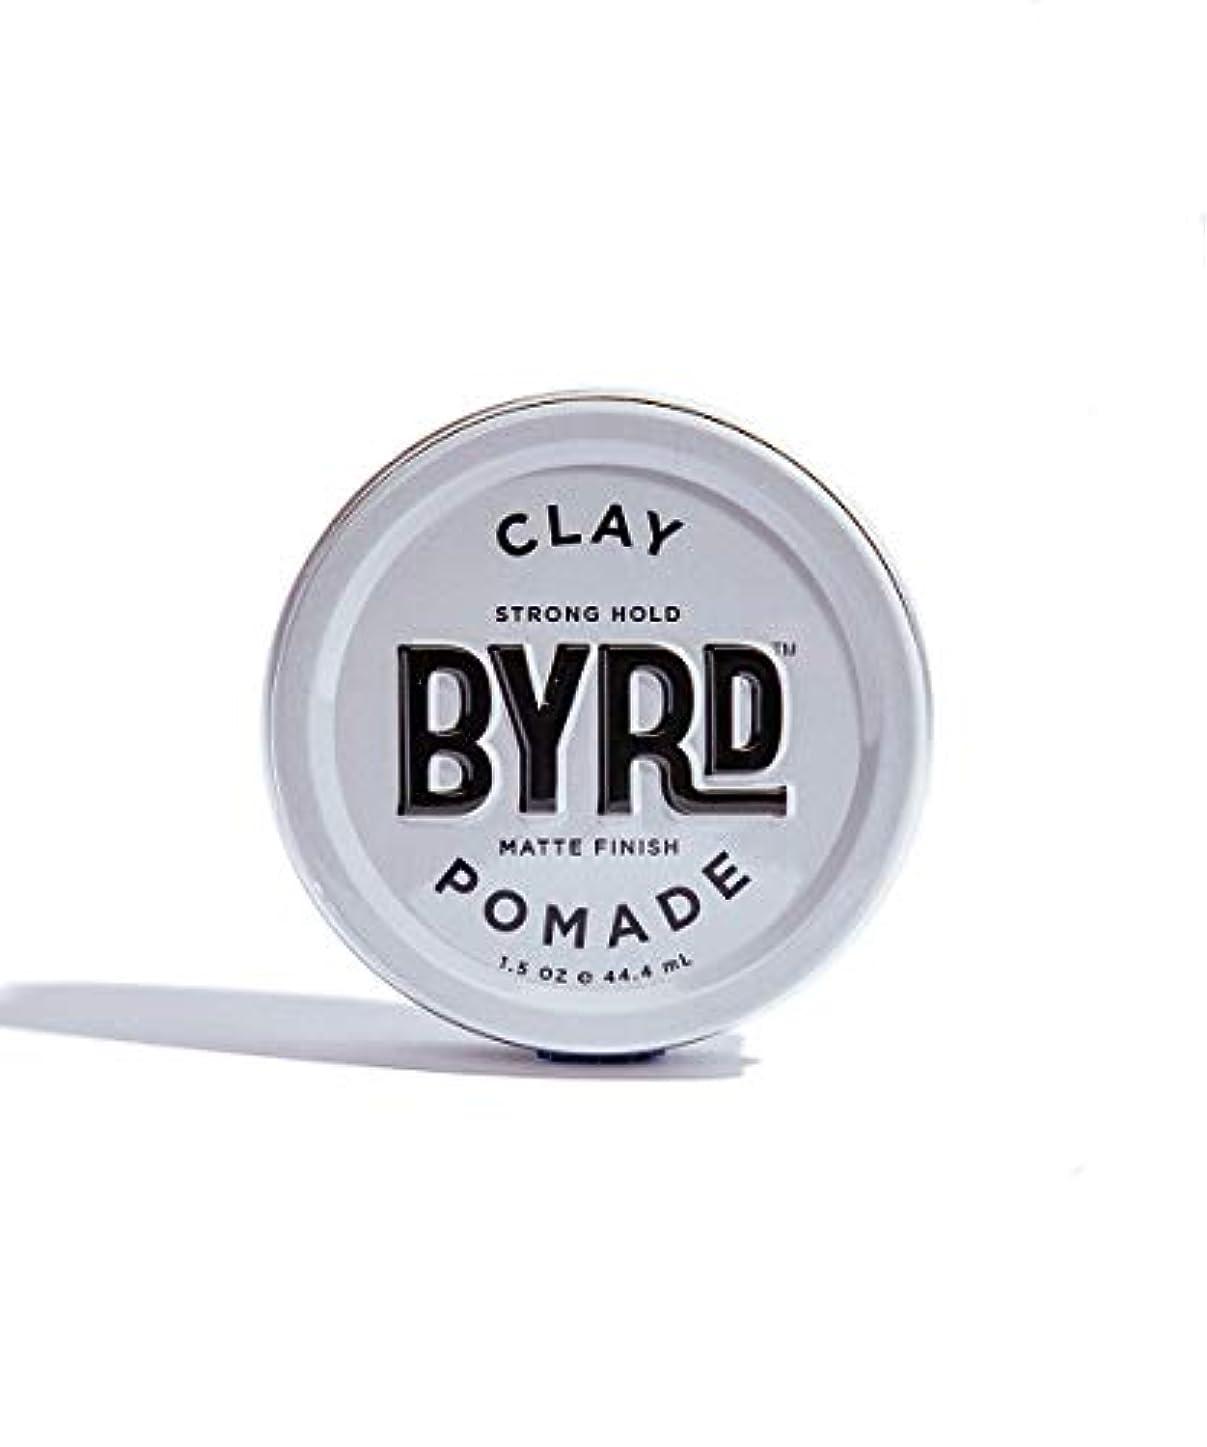 憲法火傷逆にBYRD/クレイポマード 42g メンズコスメ ワックス ヘアスタイリング かっこいい モテ髪